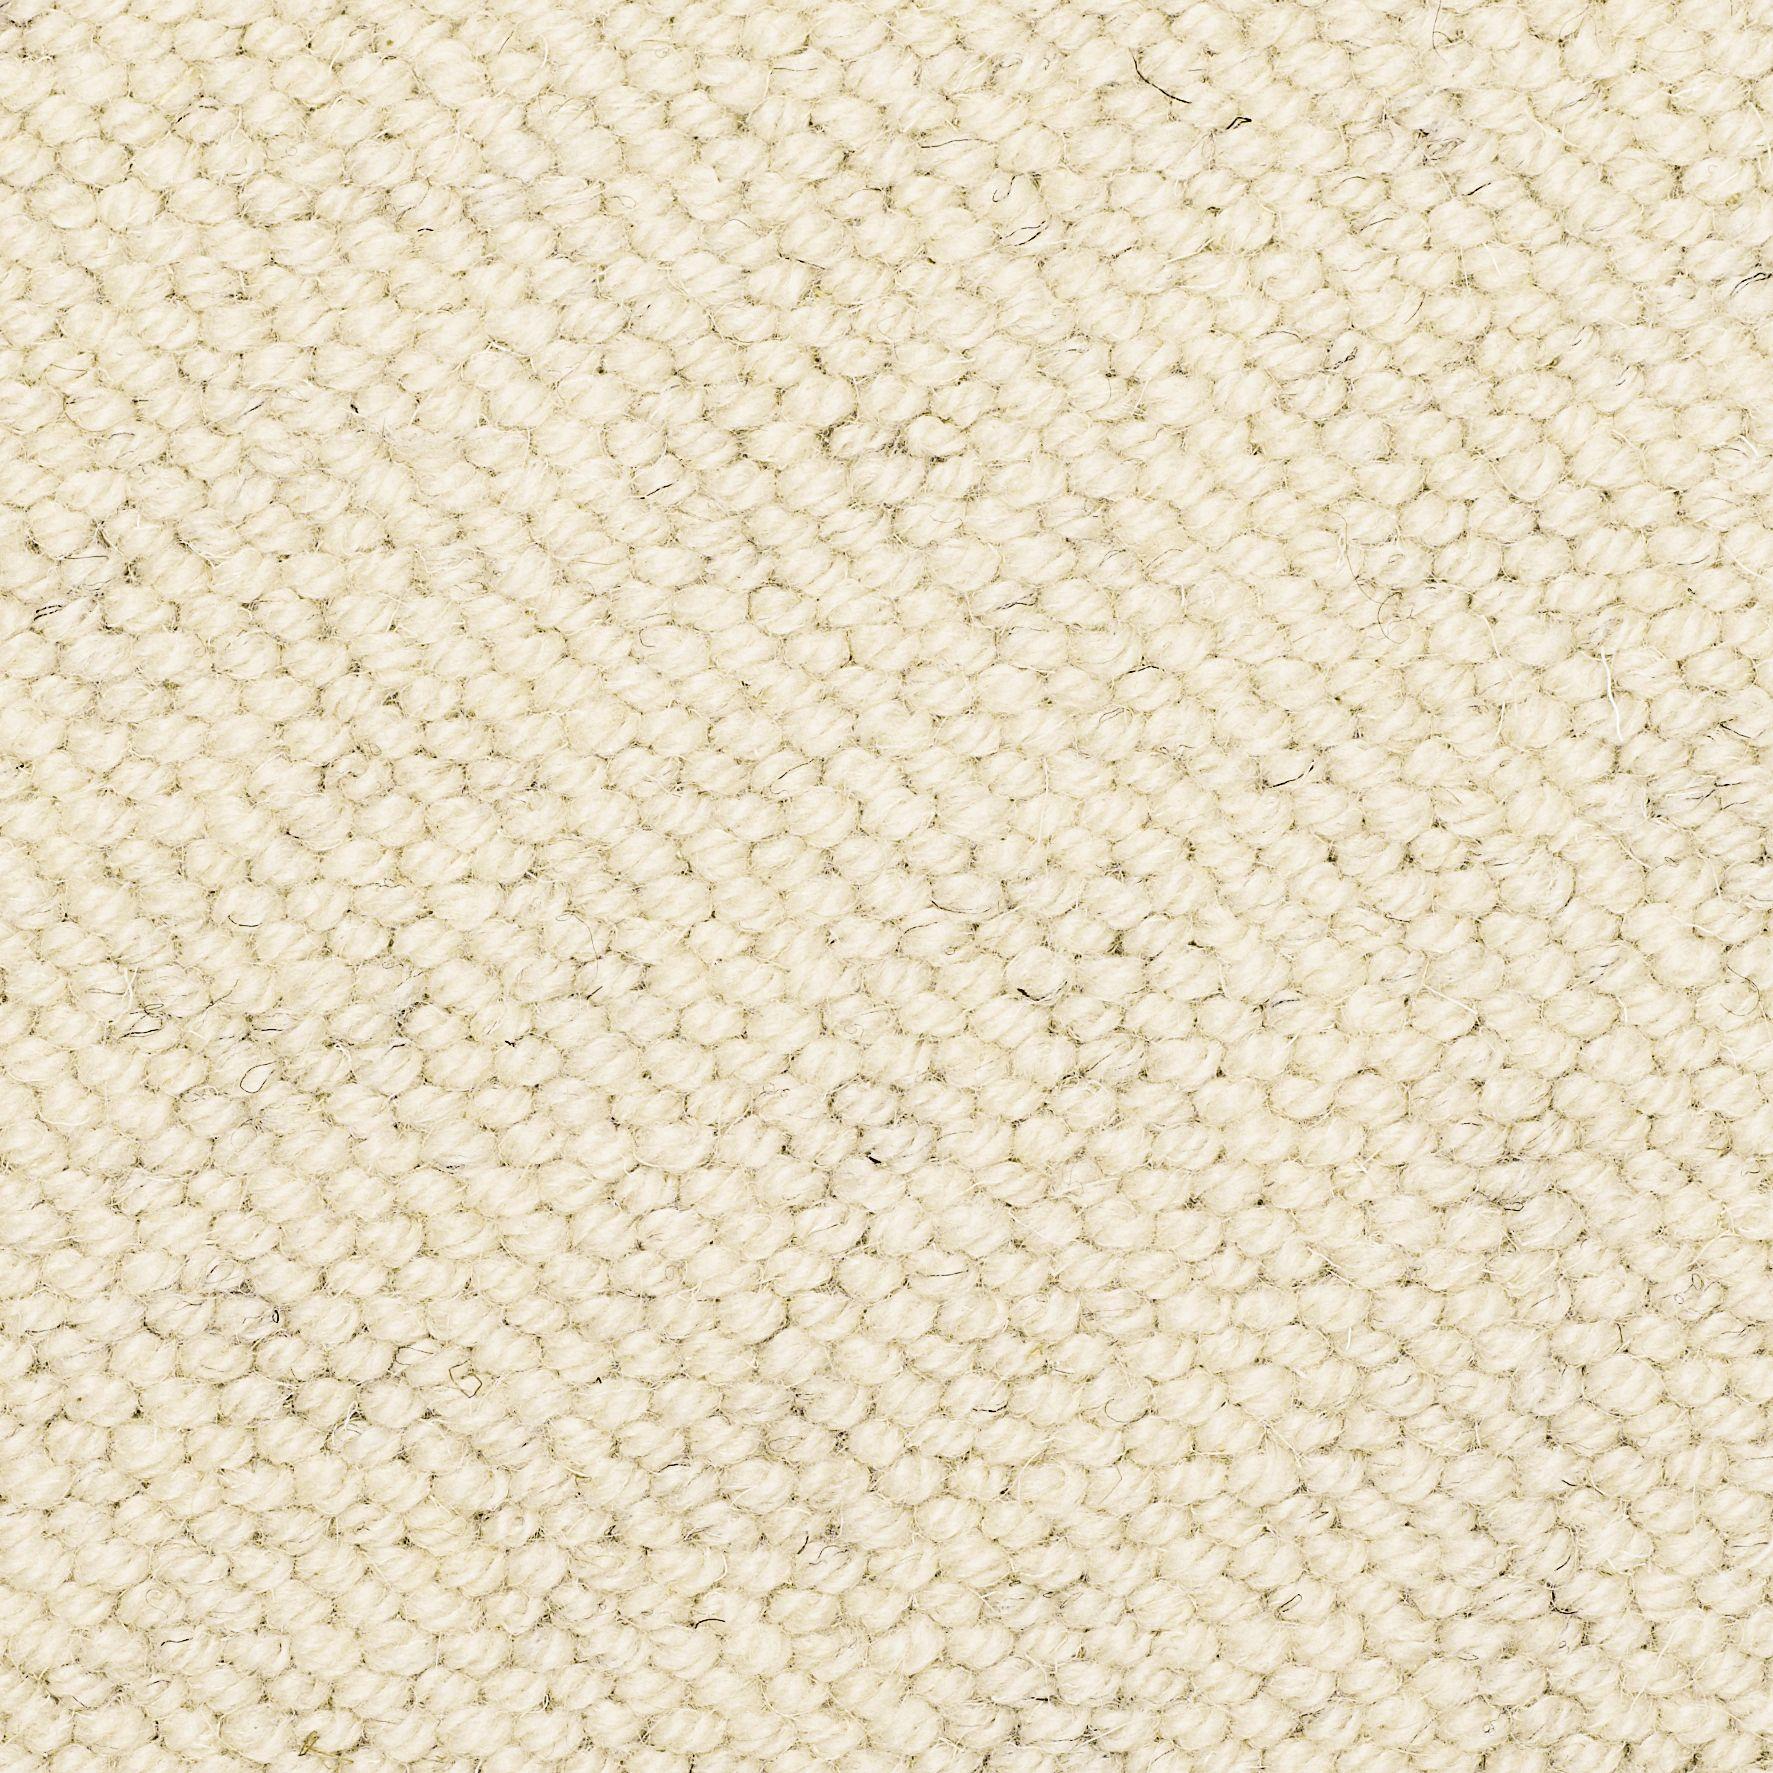 carpet beater john lewis home plan. Black Bedroom Furniture Sets. Home Design Ideas